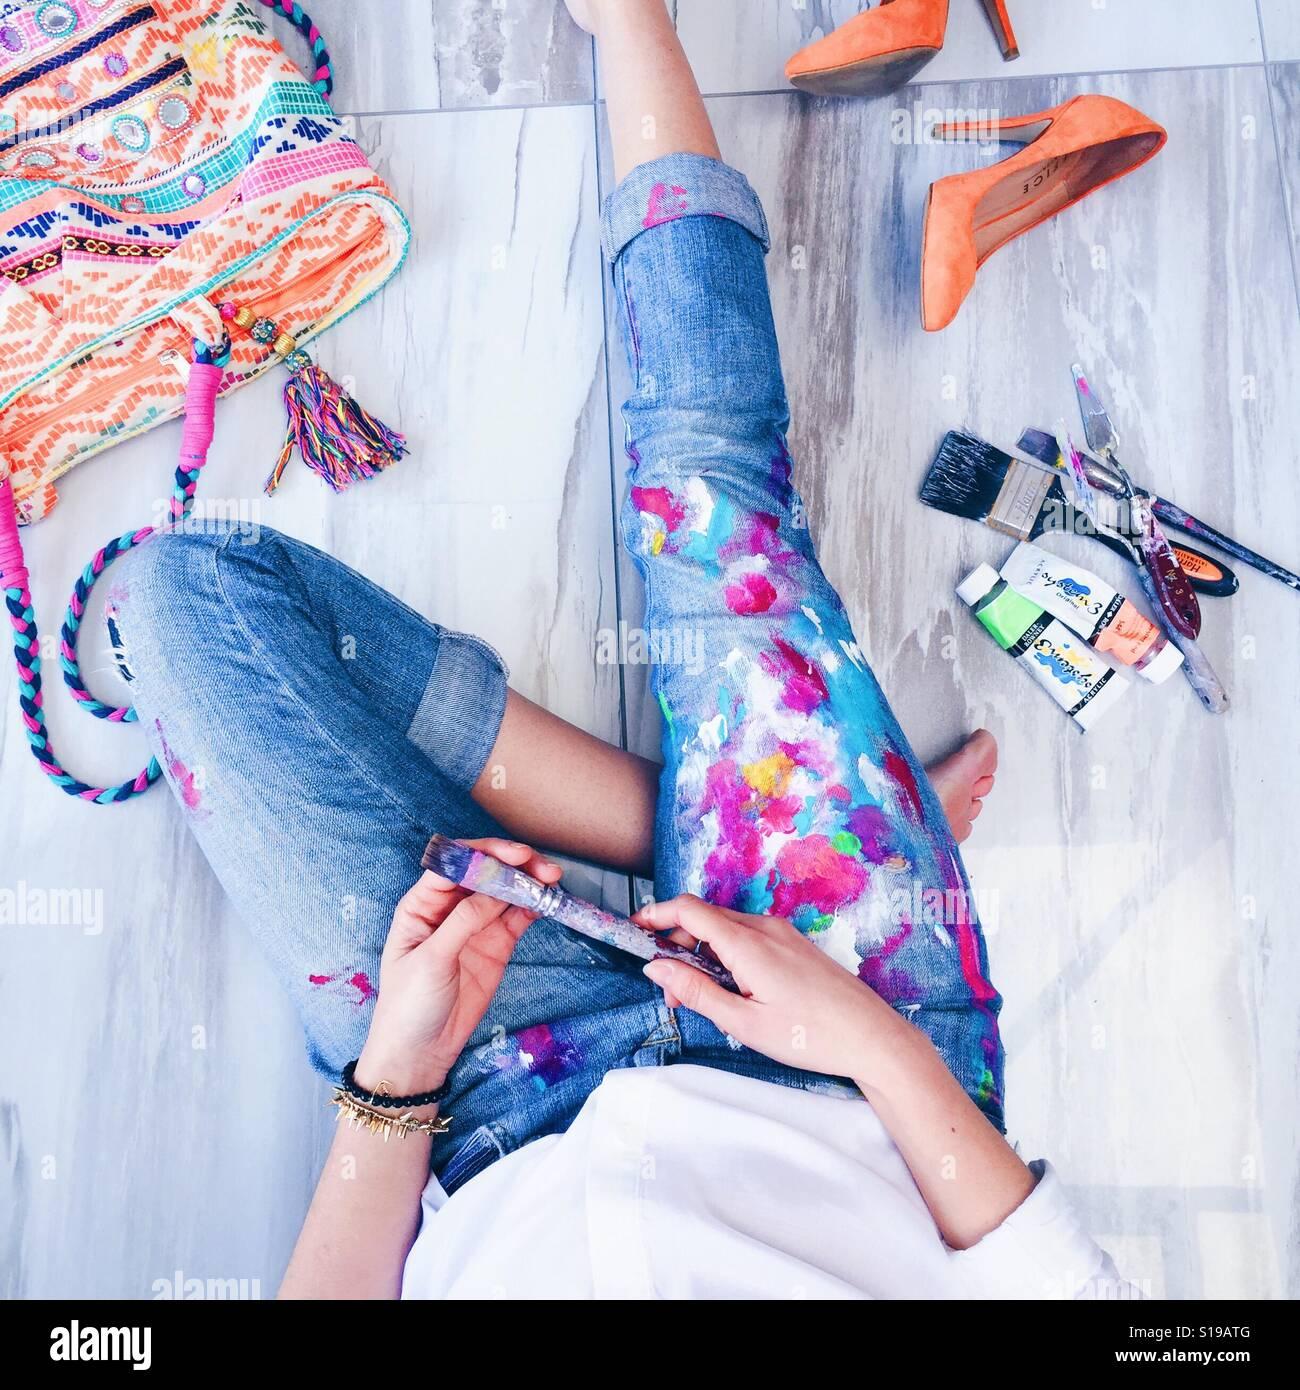 Artista relajante vistiendo pantalones vaqueros azules cubiertos de pintura con pintura accesorios y bolsa cubiertos Foto de stock